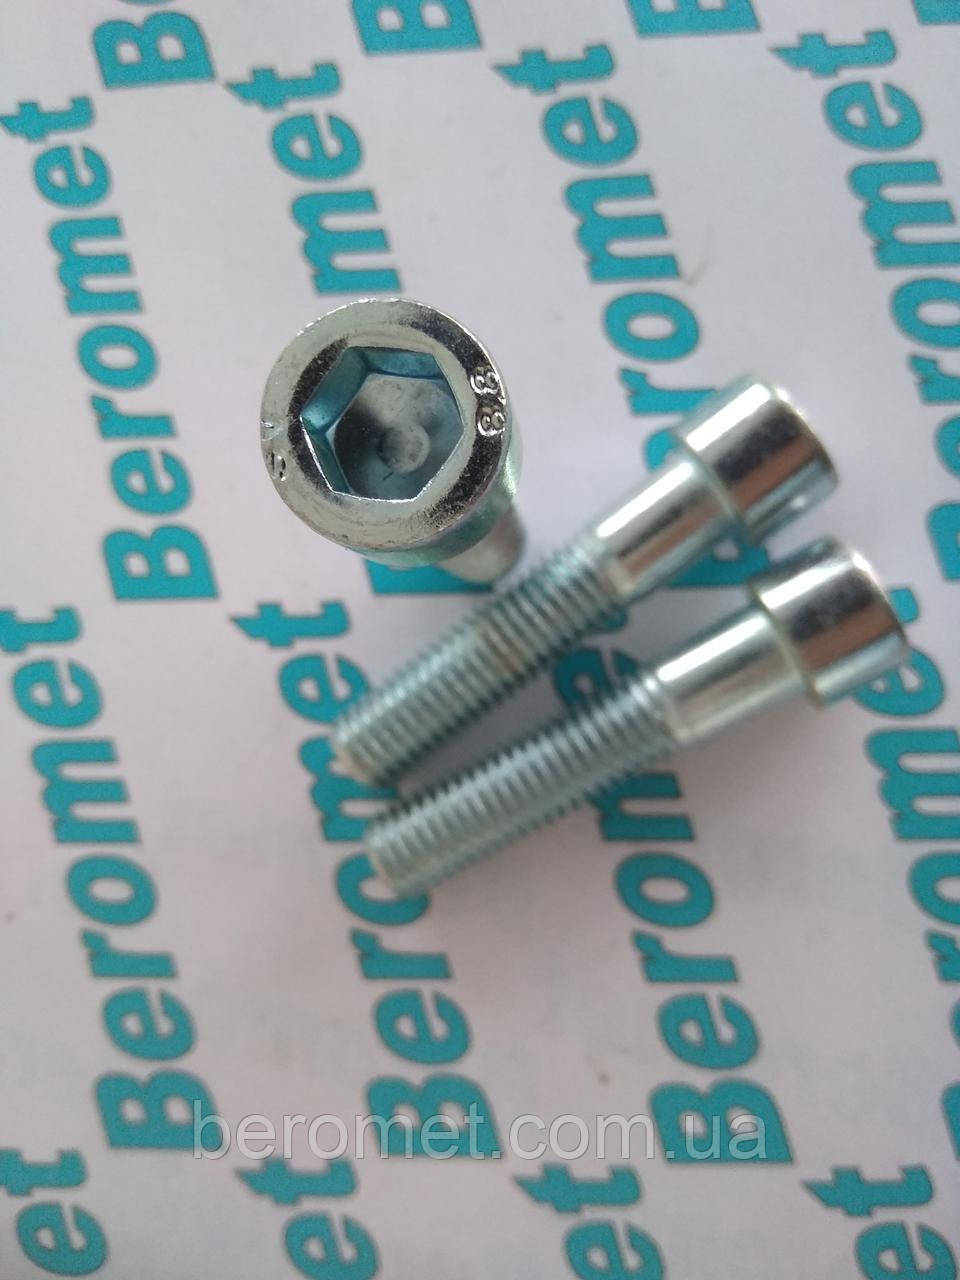 Болт М14*100 метричний з шестигранною голівкою і повною різьбою, кл.міц.8.8, DIN 933, оцинкований, М14*100